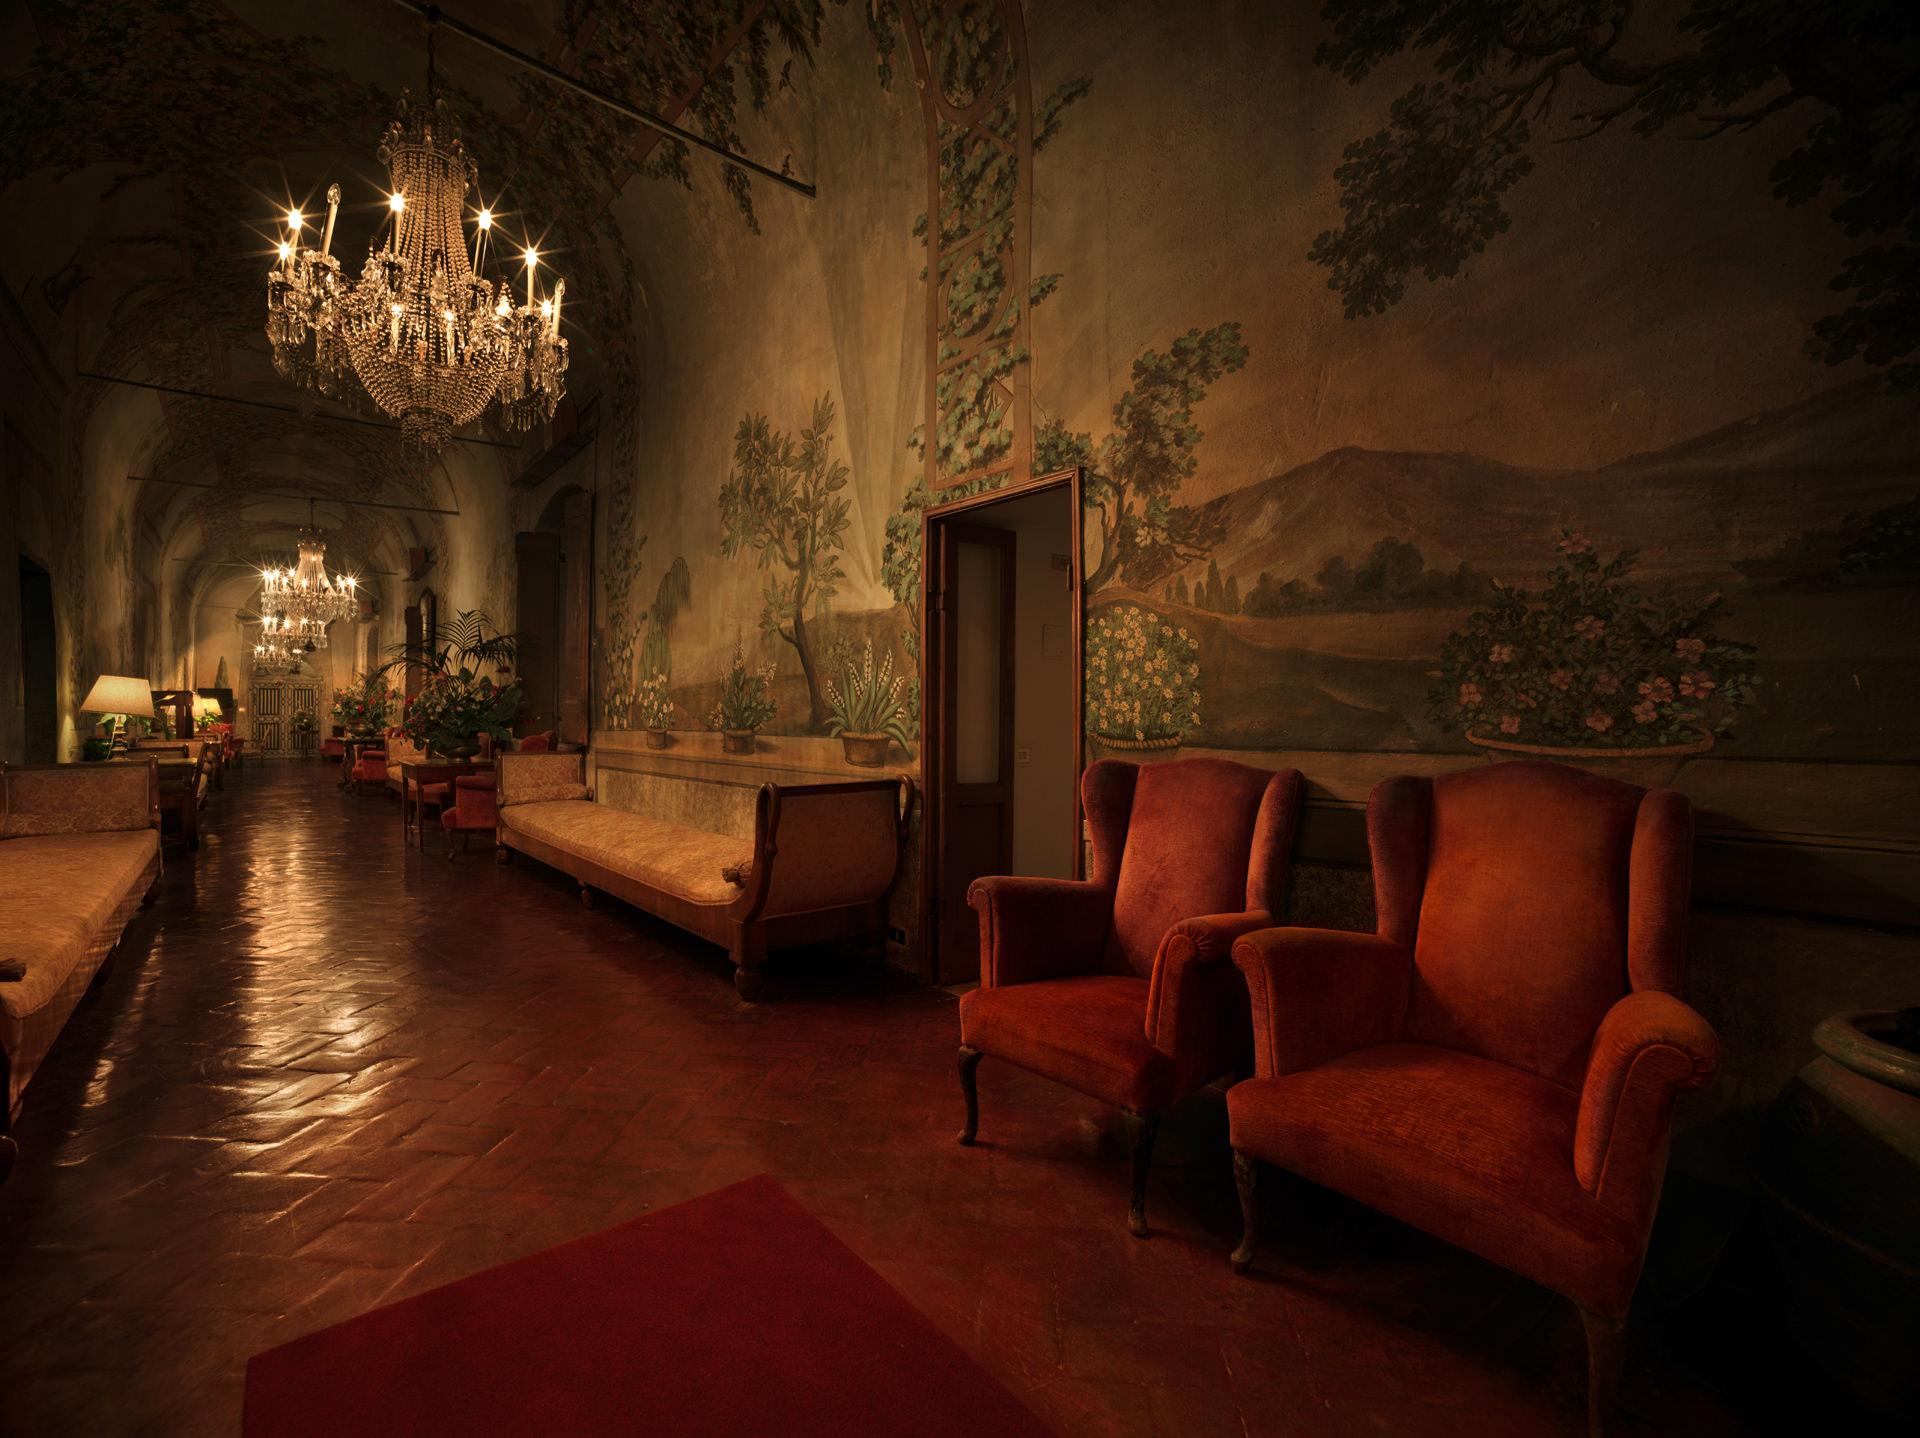 ©ankeluckmann1341, Villa Villoresi Hotel, Architecture, Interior, Italy, anke luckmann, interior